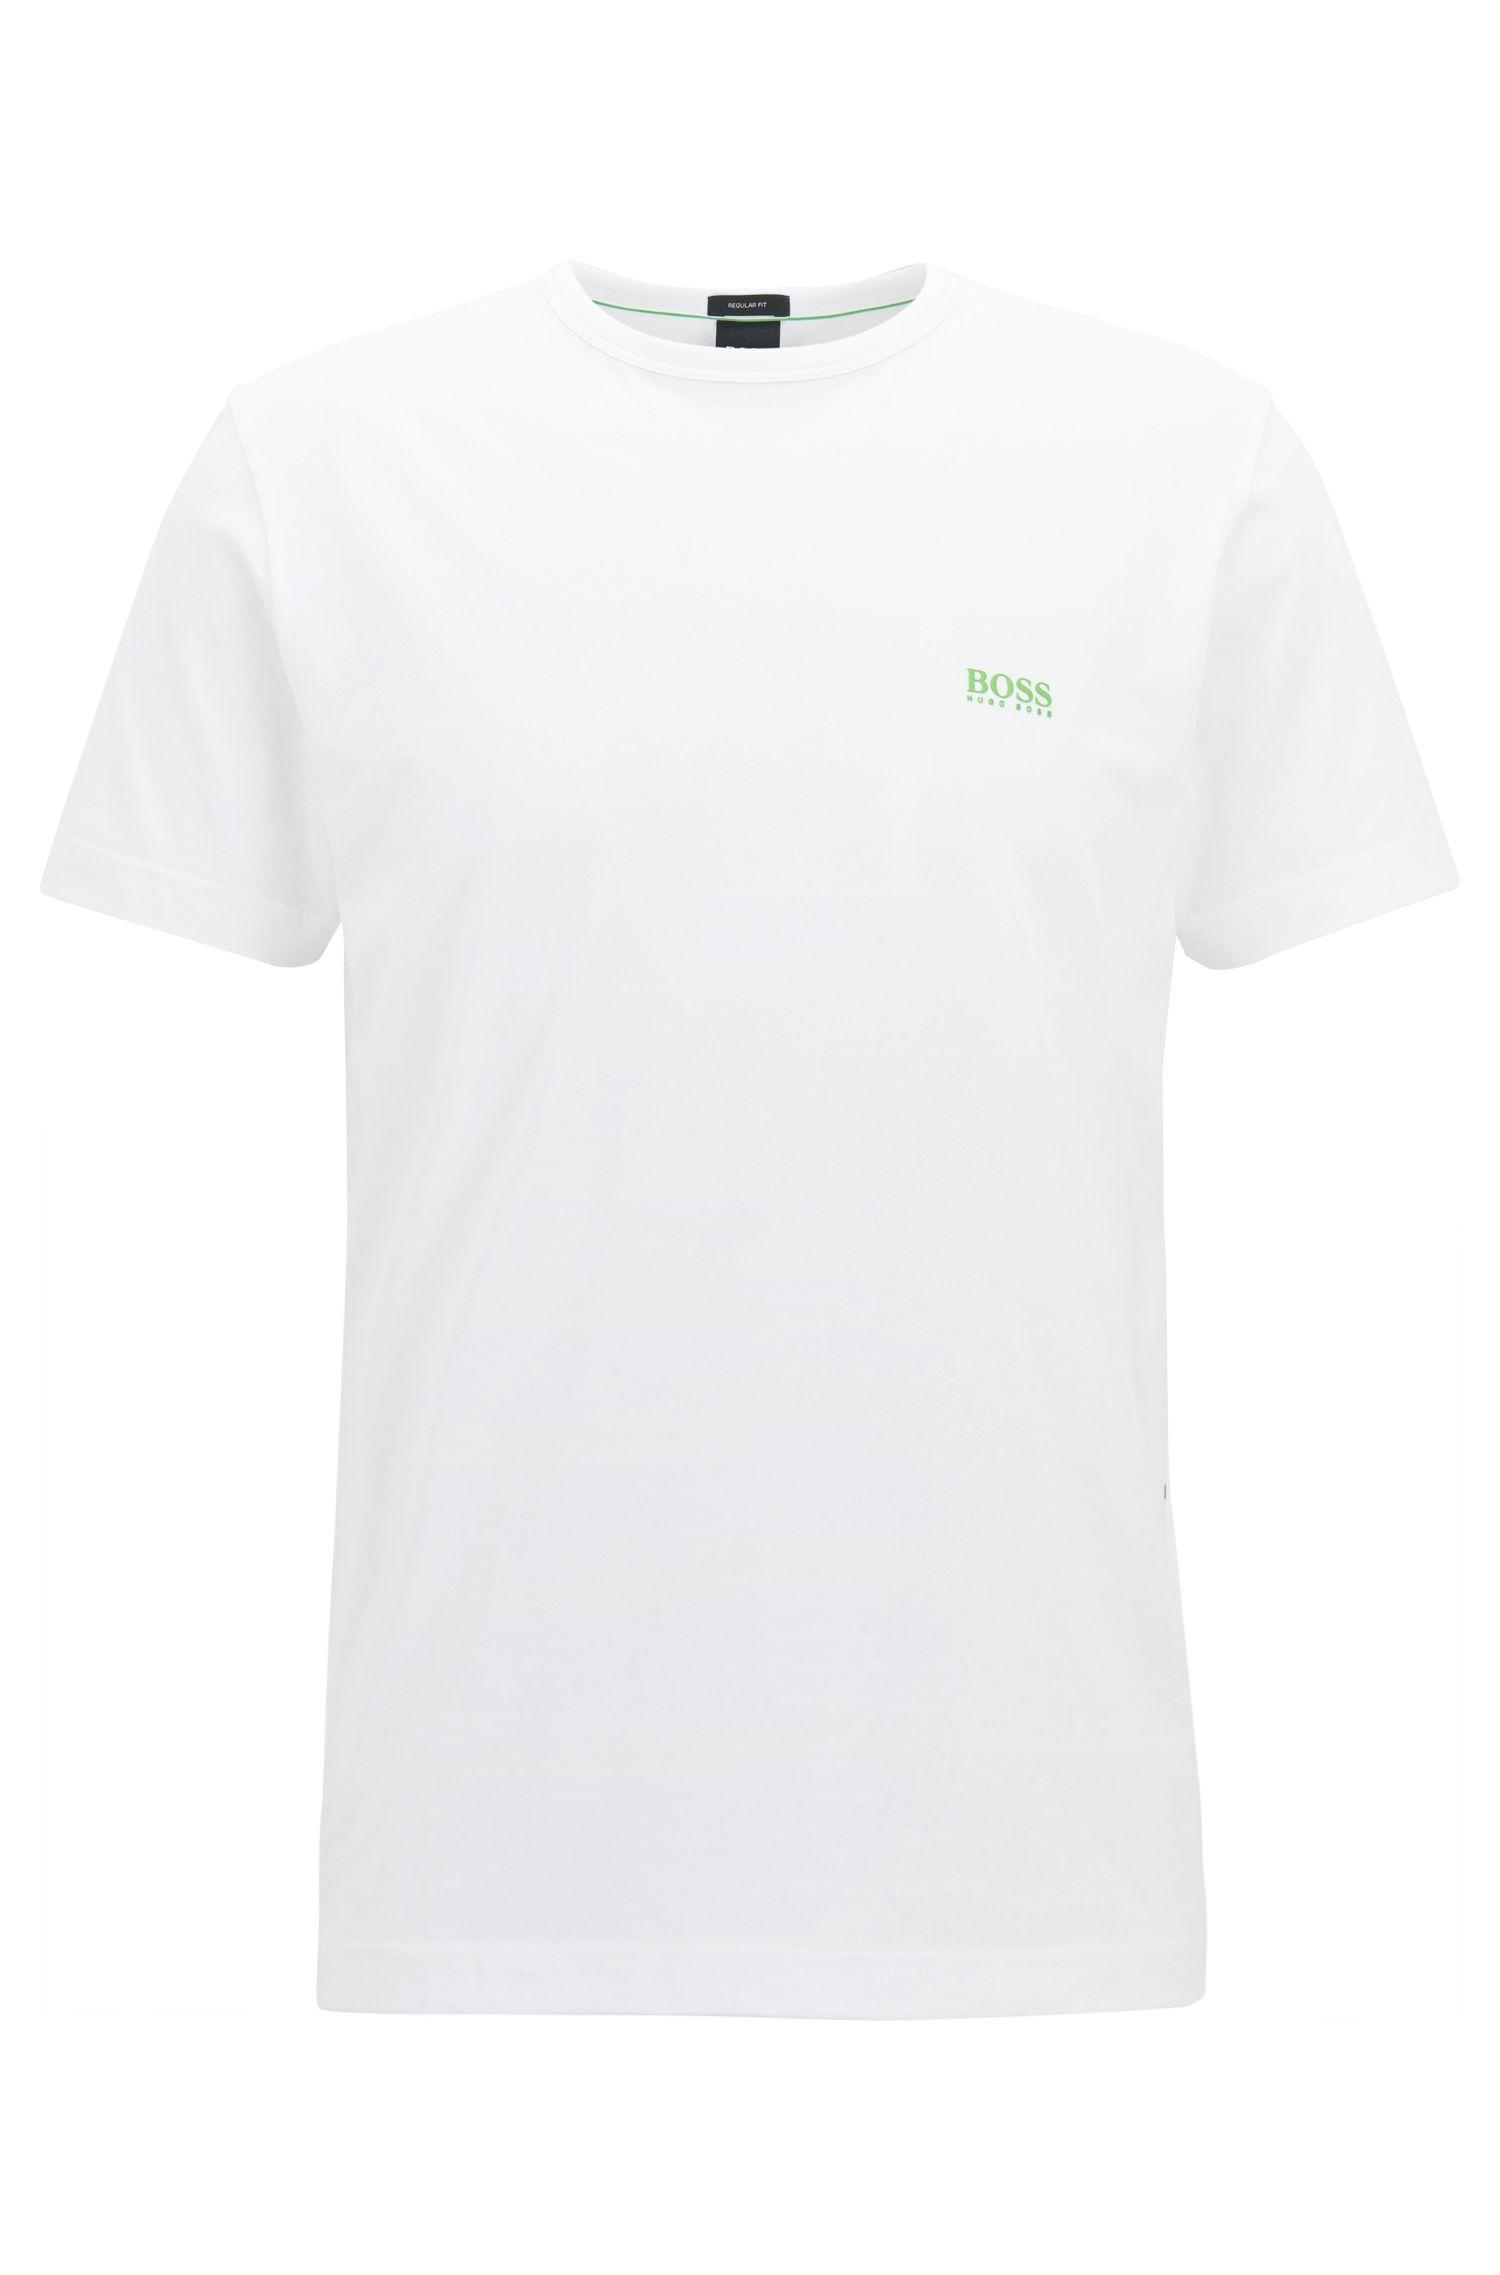 'Tee'   Cotton Jersey Logo T-Shirt